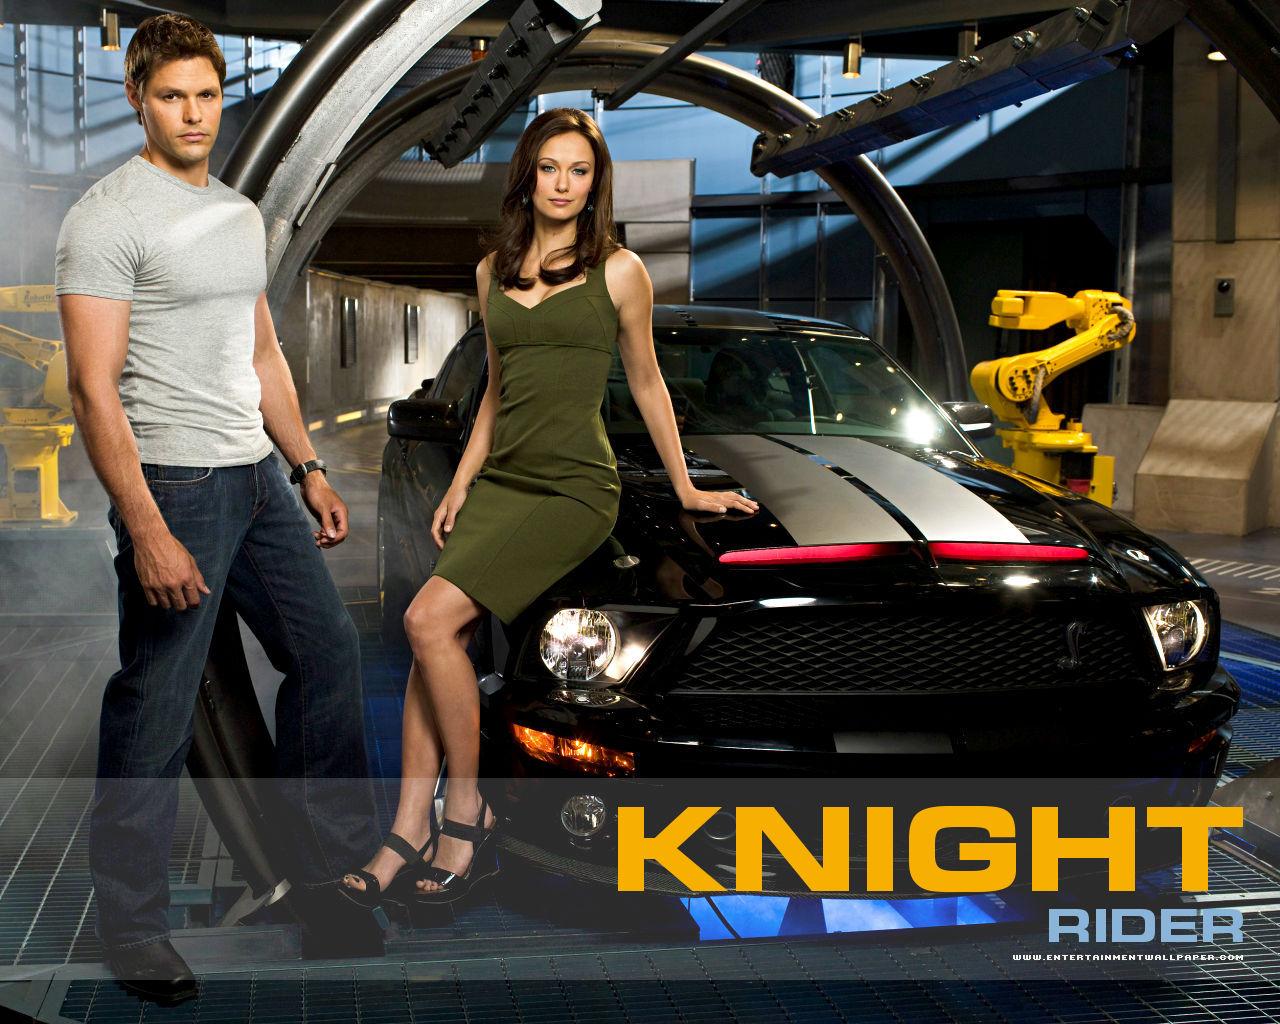 knight rider wallpaper hd 1280x1024